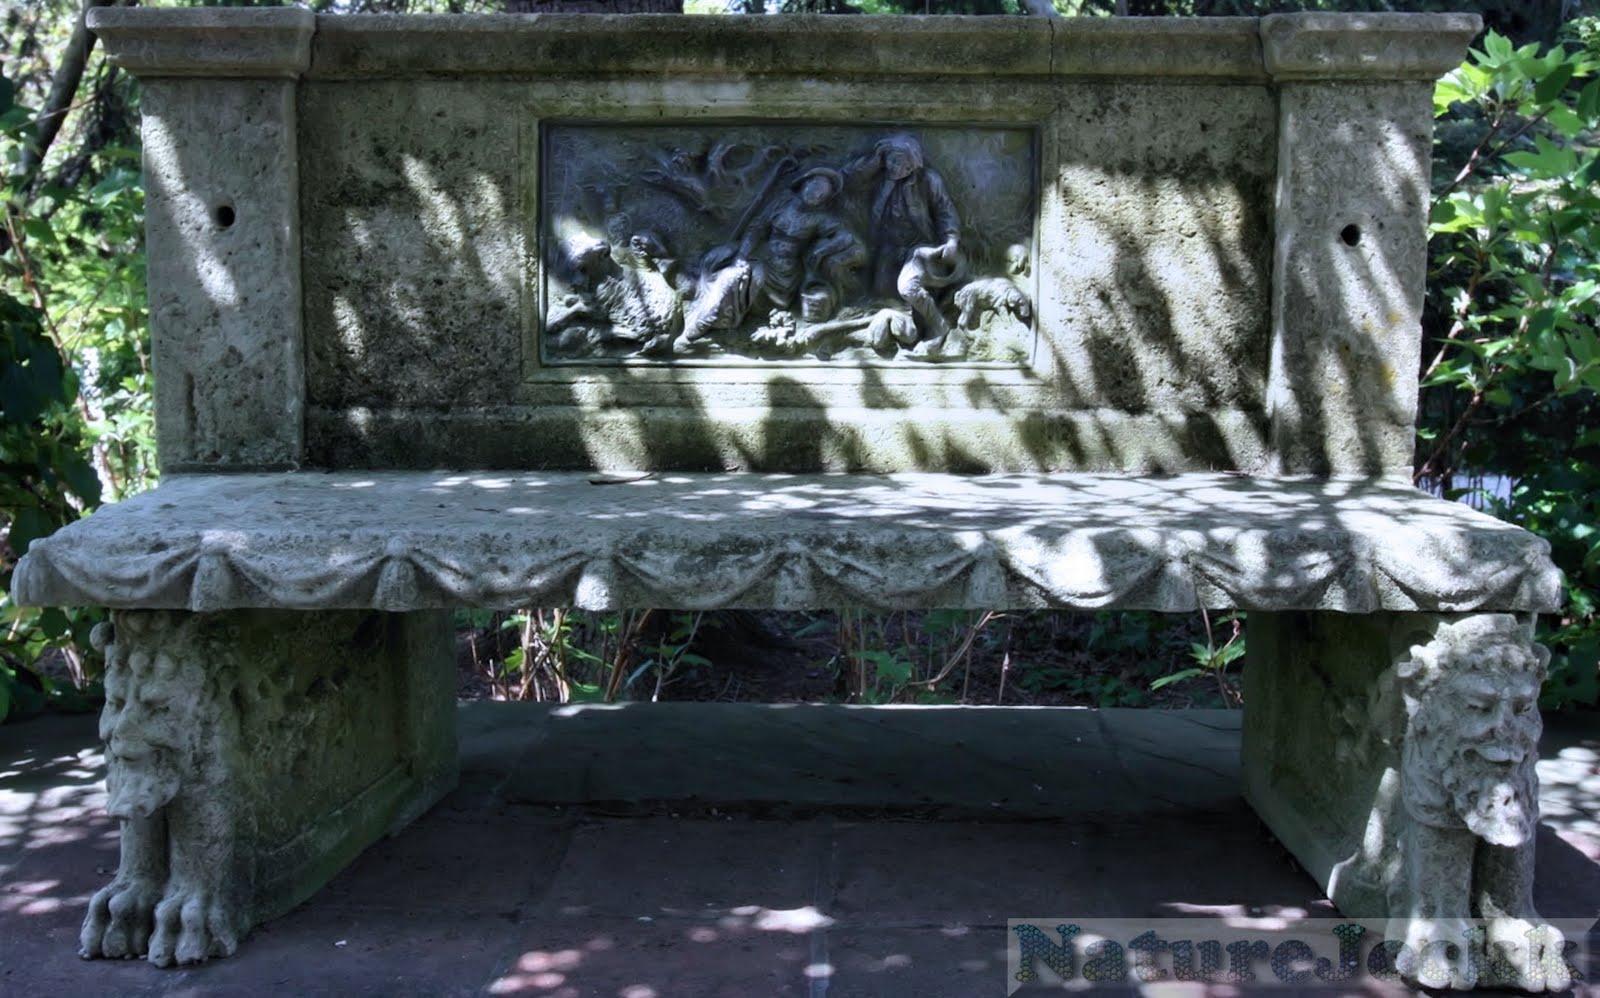 http://3.bp.blogspot.com/_6ANko4sjweM/SxPsM4MWTJI/AAAAAAAAXLI/-22yiU8DxrI/s1600/Statues_4_bench.jpg